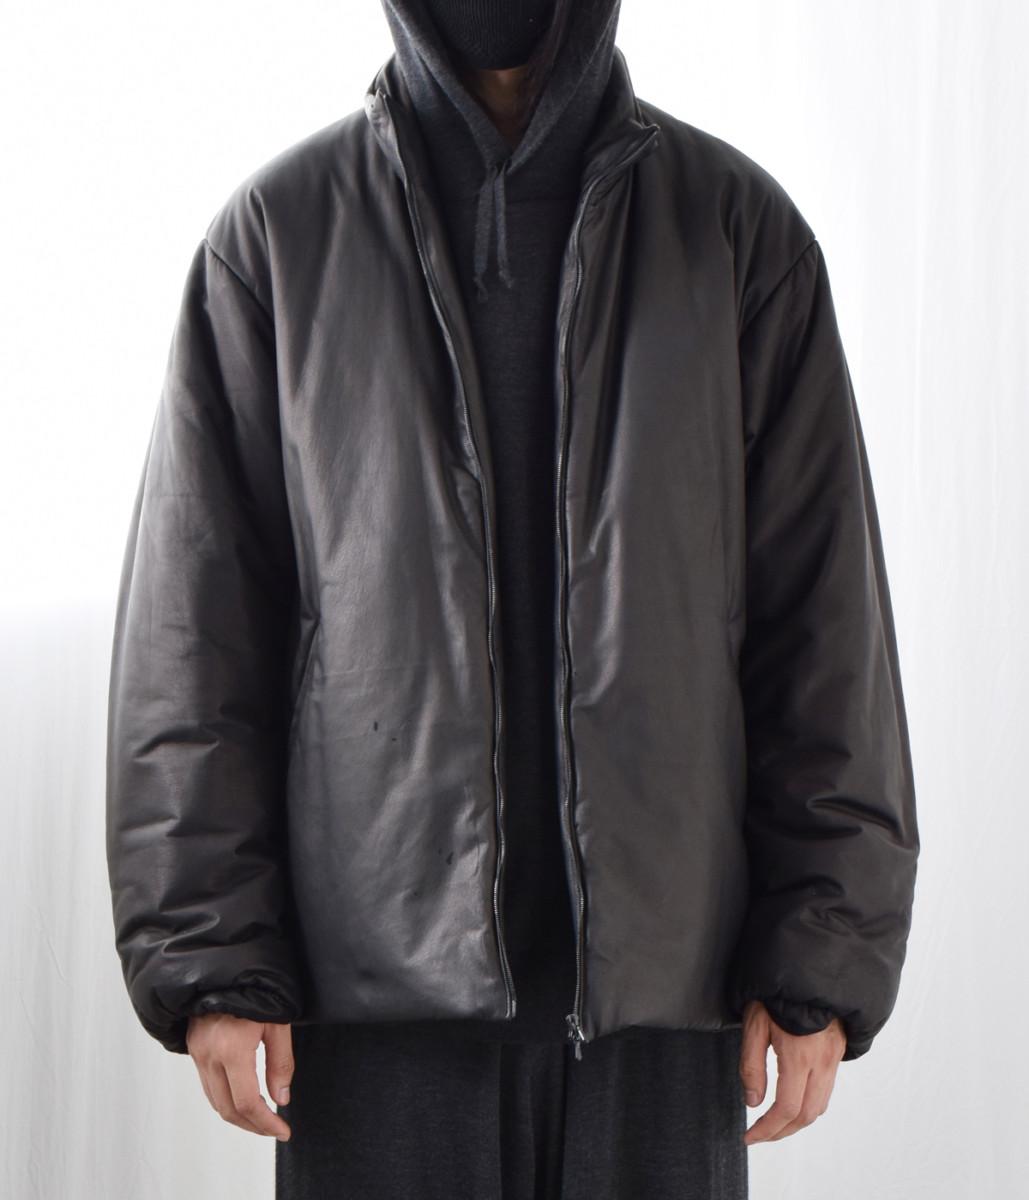 ディアスキンインサレーションジャケット2